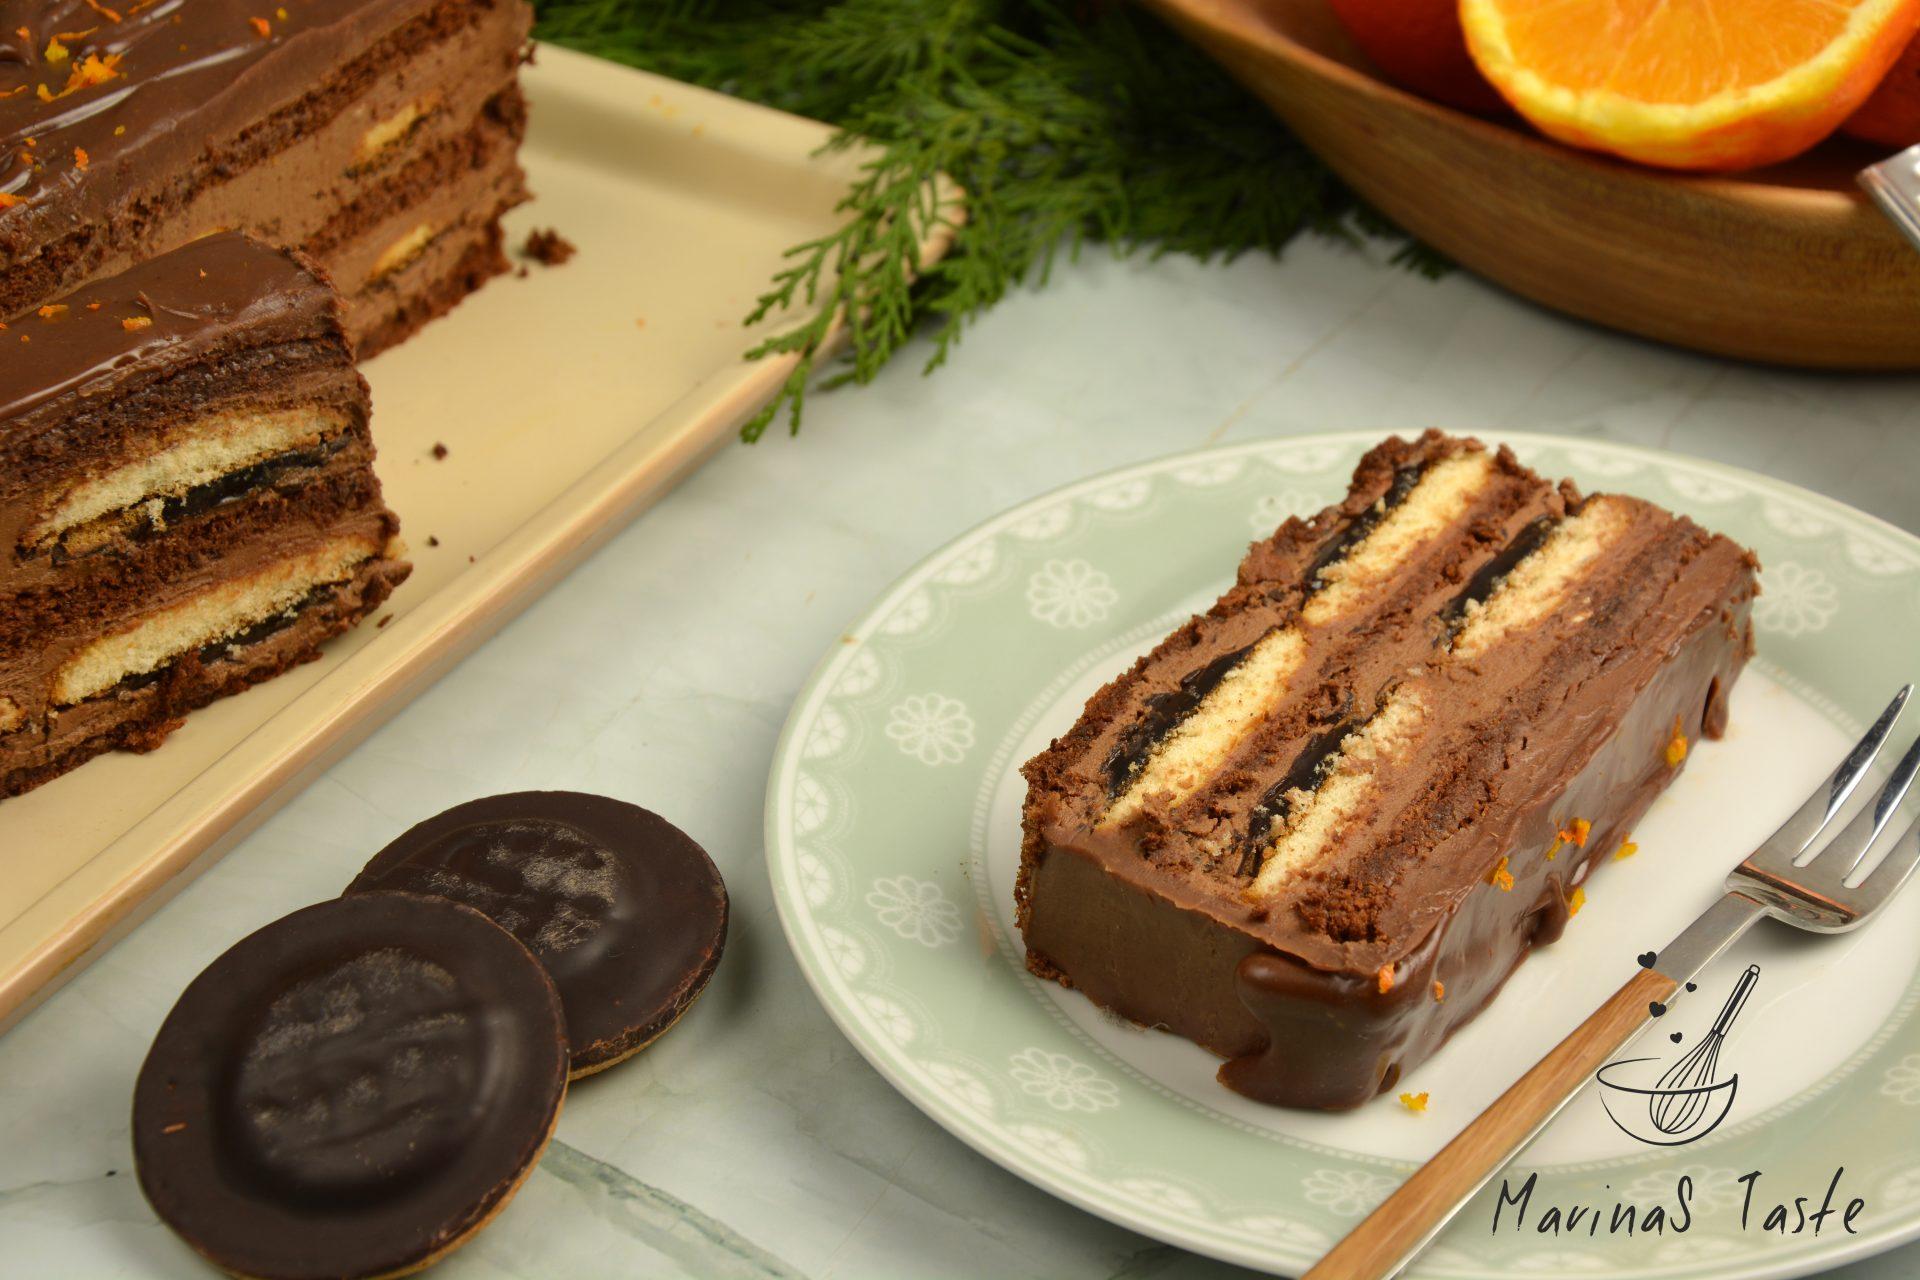 Cokoladna-jaffa-torta-1